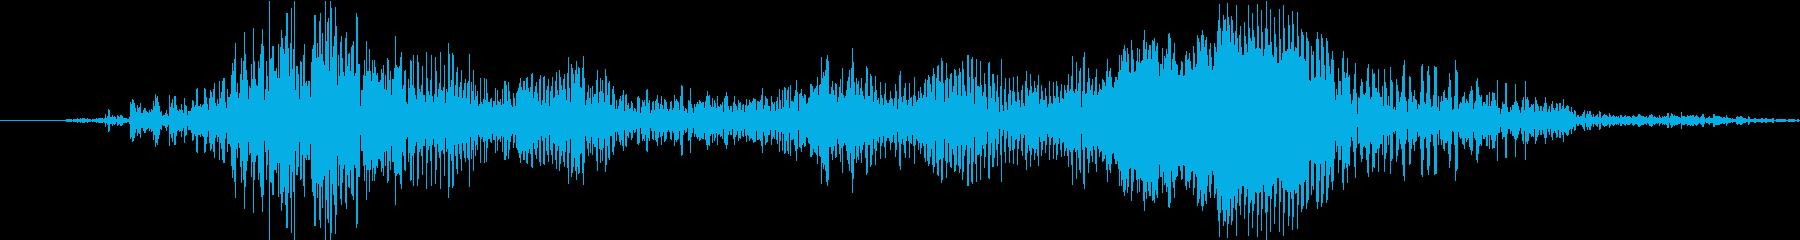 ジー(鞄のジッパーの音)の再生済みの波形